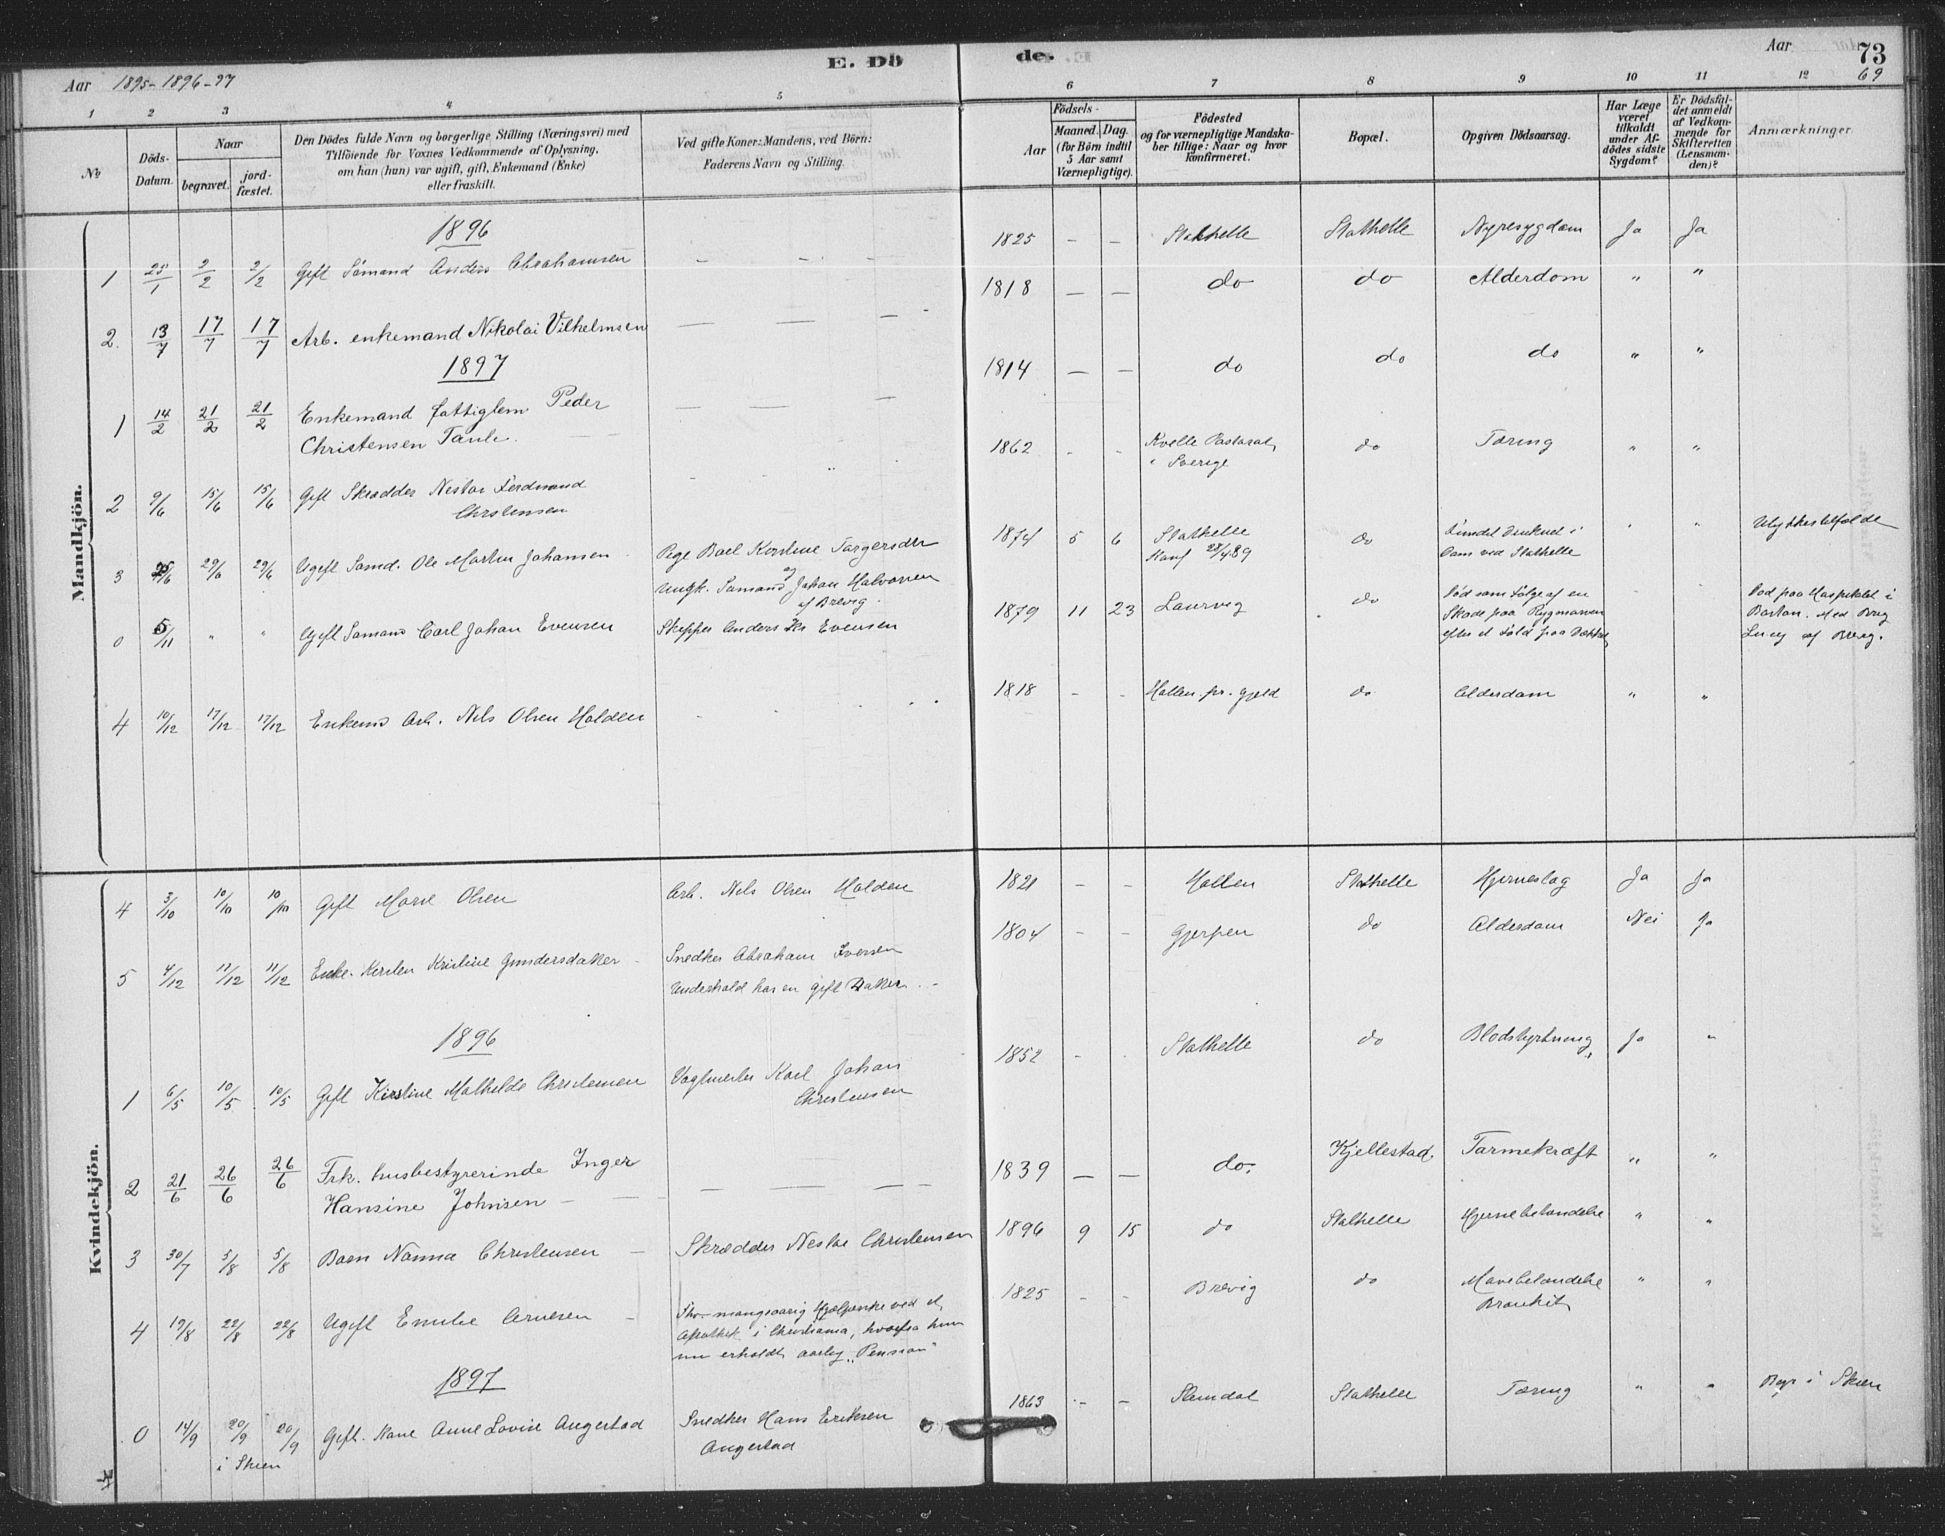 SAKO, Bamble kirkebøker, F/Fb/L0001: Ministerialbok nr. II 1, 1878-1899, s. 73